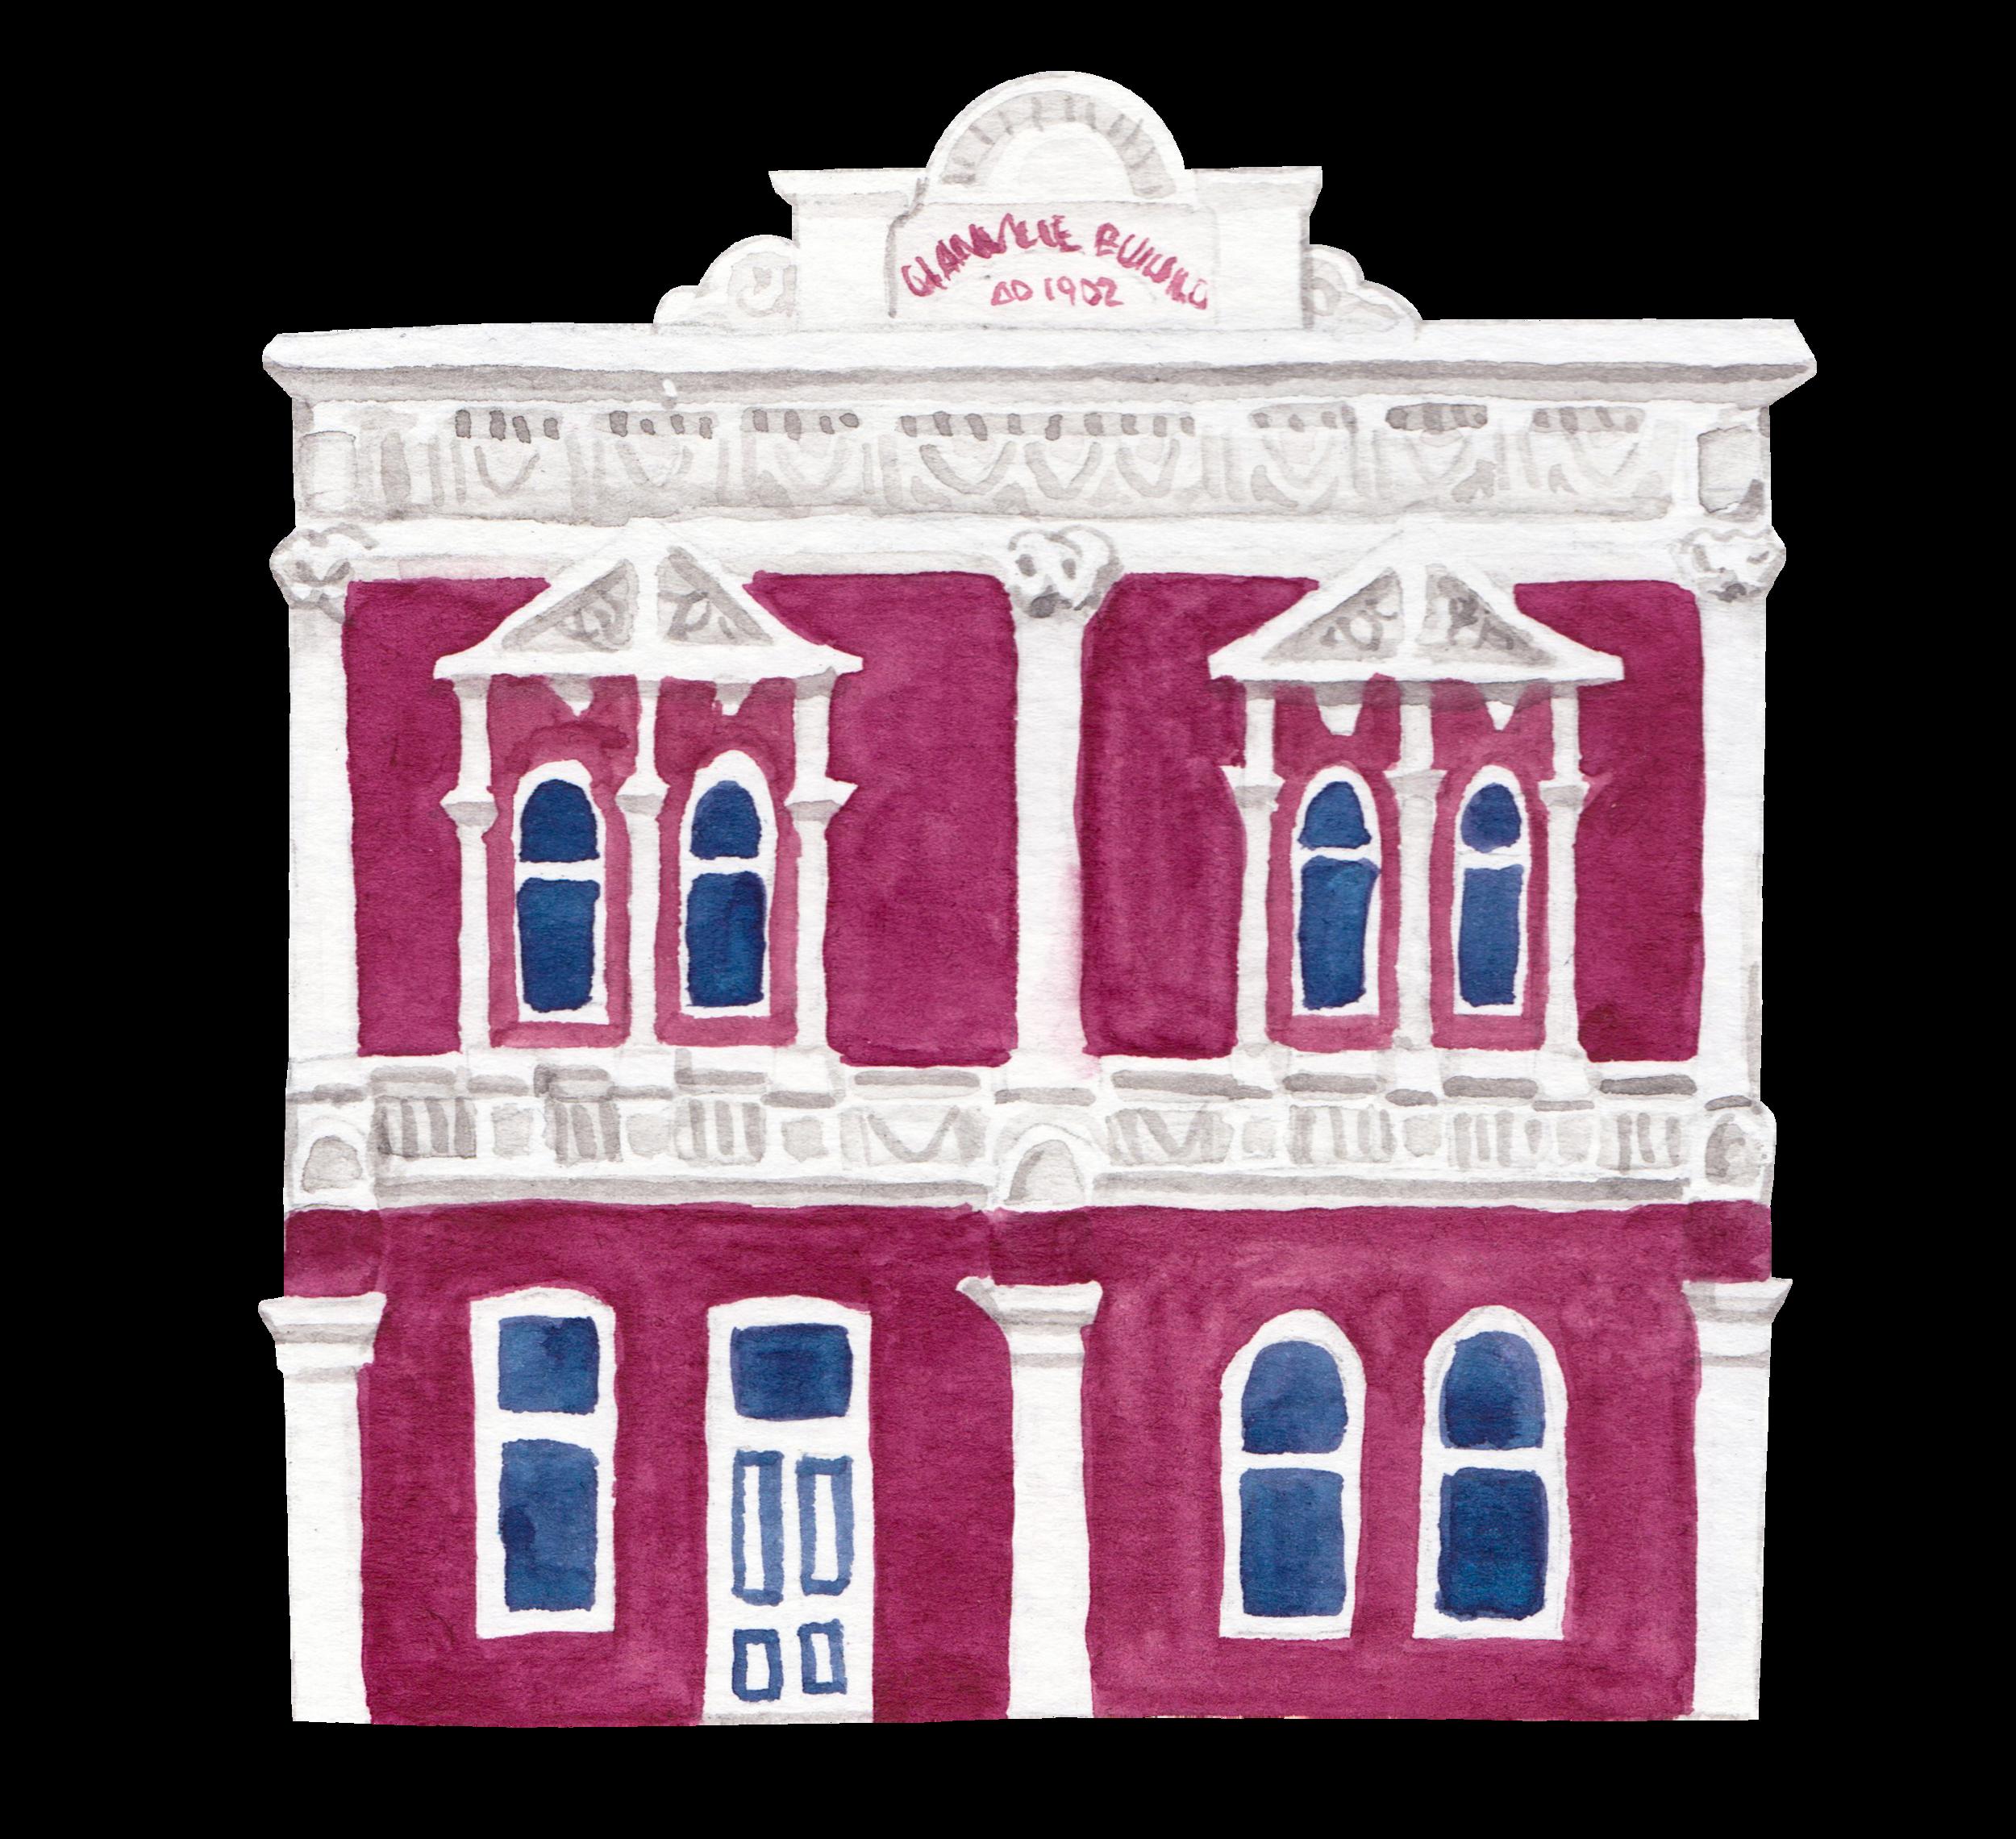 7. Glanville's Building